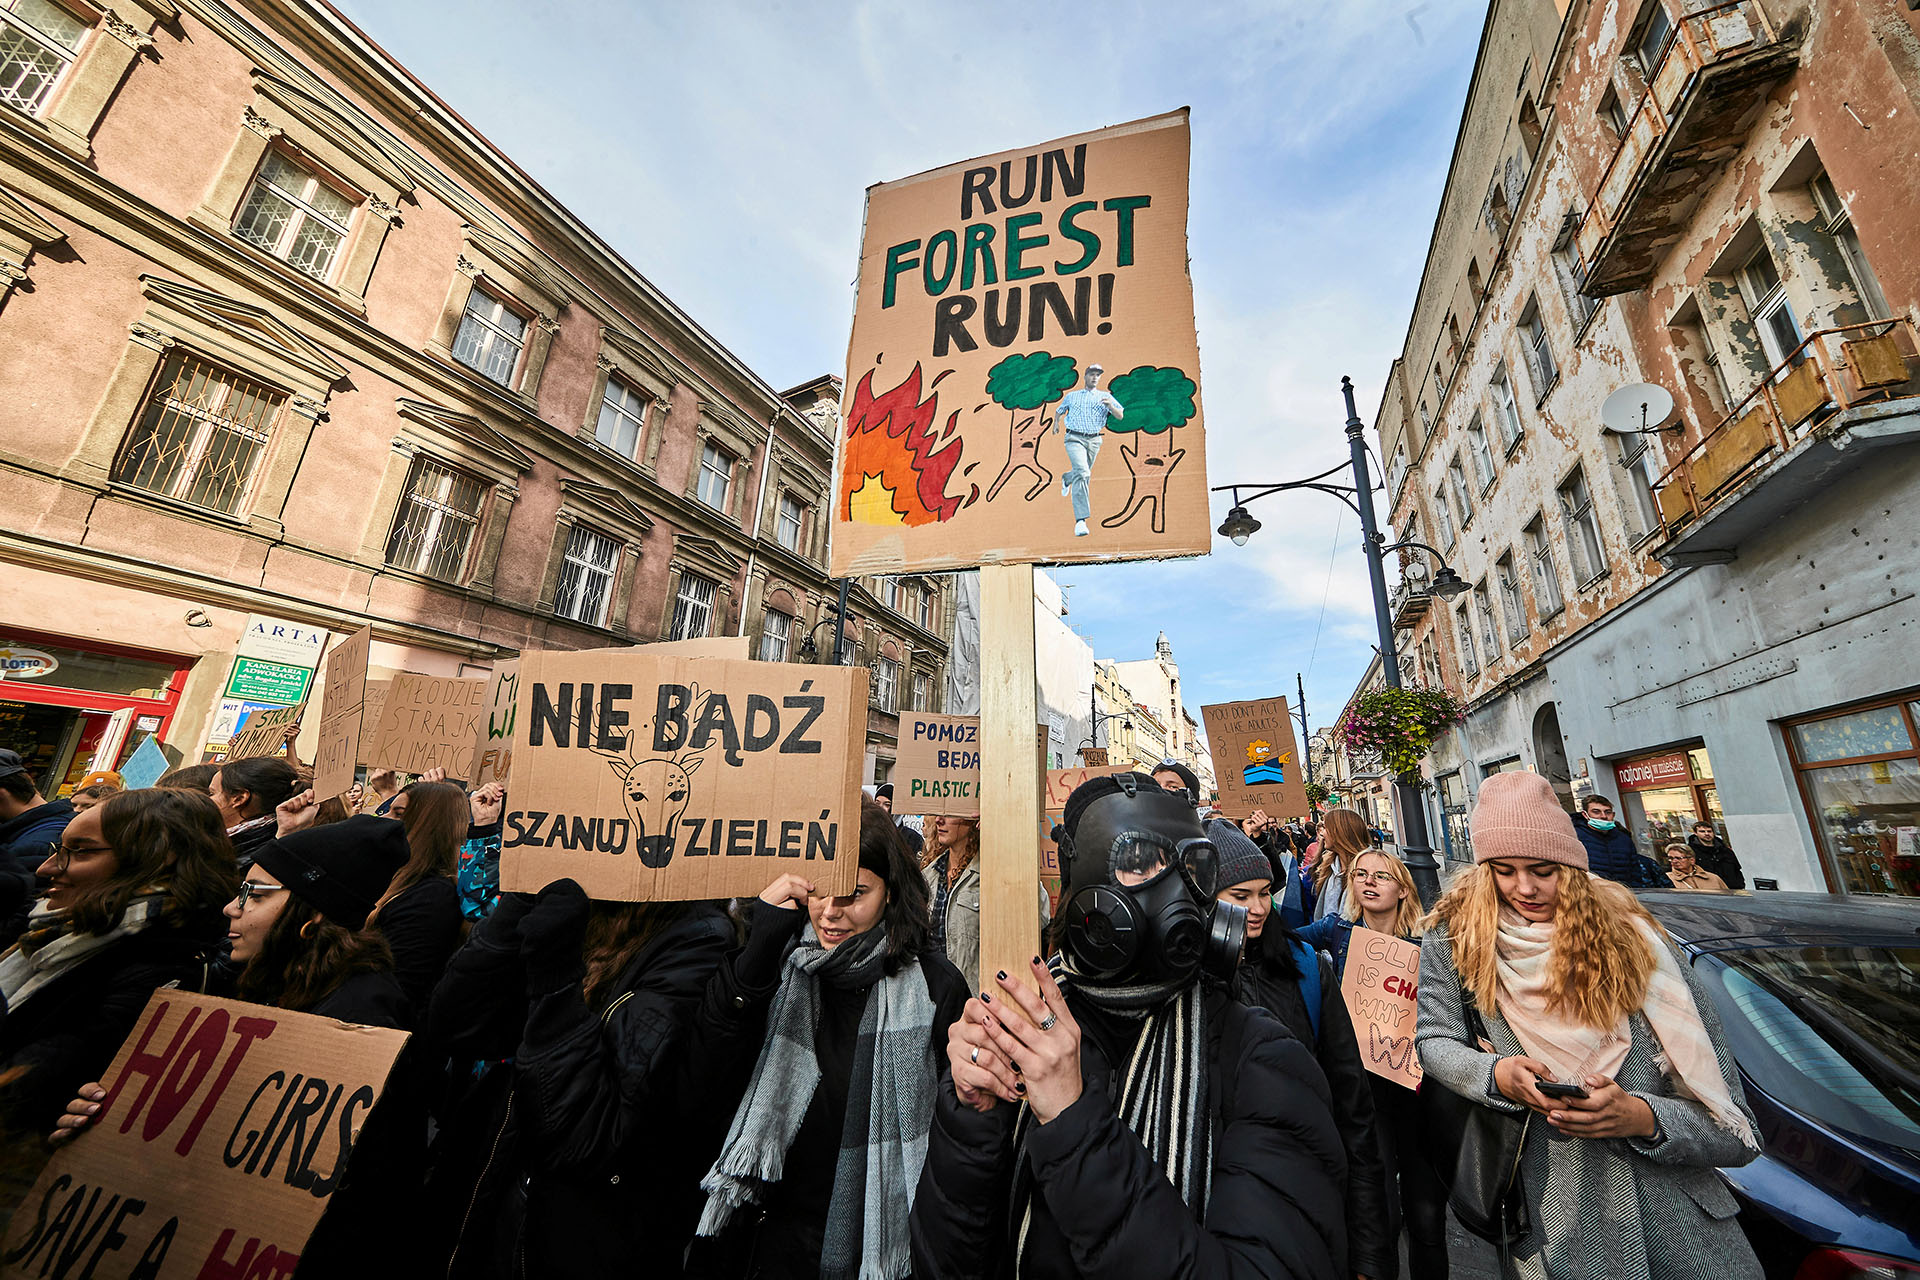 Jóvenes activistas participan de la manifestación ambiental en Lodz, Polonia, el 20 de septiembre de 2019 (Tomasz Stanczak/Agencja Gazeta via REUTERS)